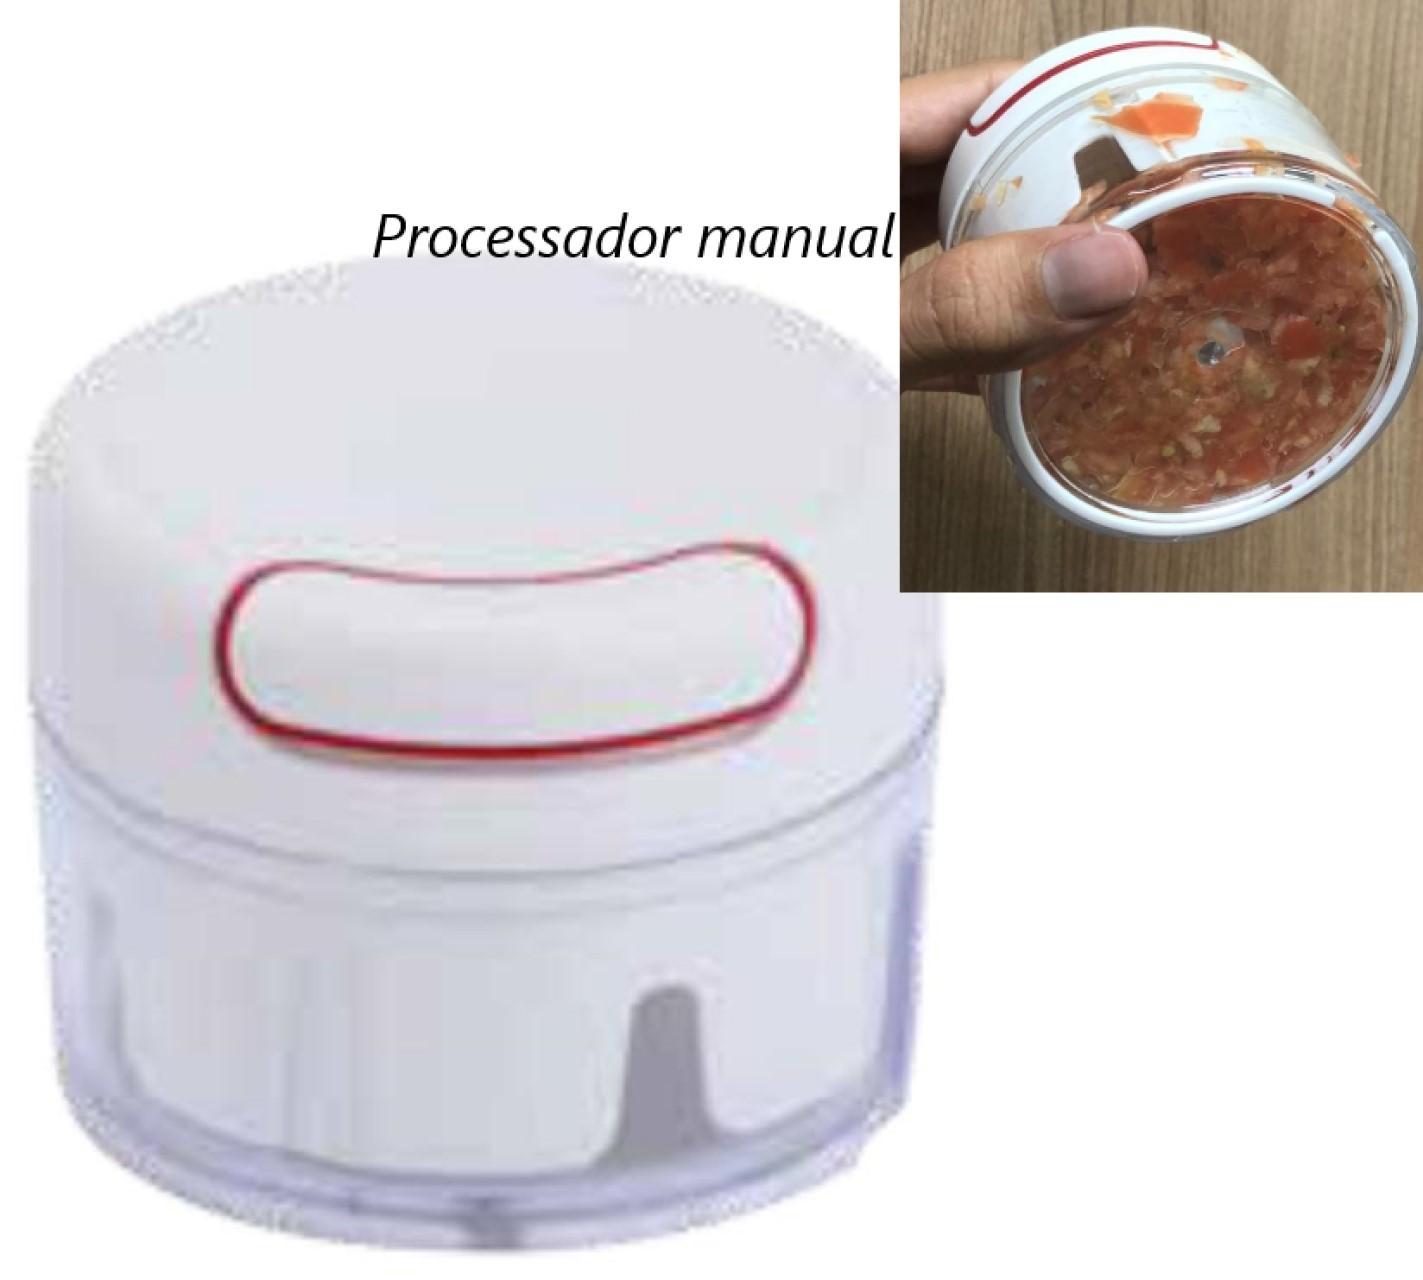 processador cortador de legumes semiautomatico branco picador de legumes